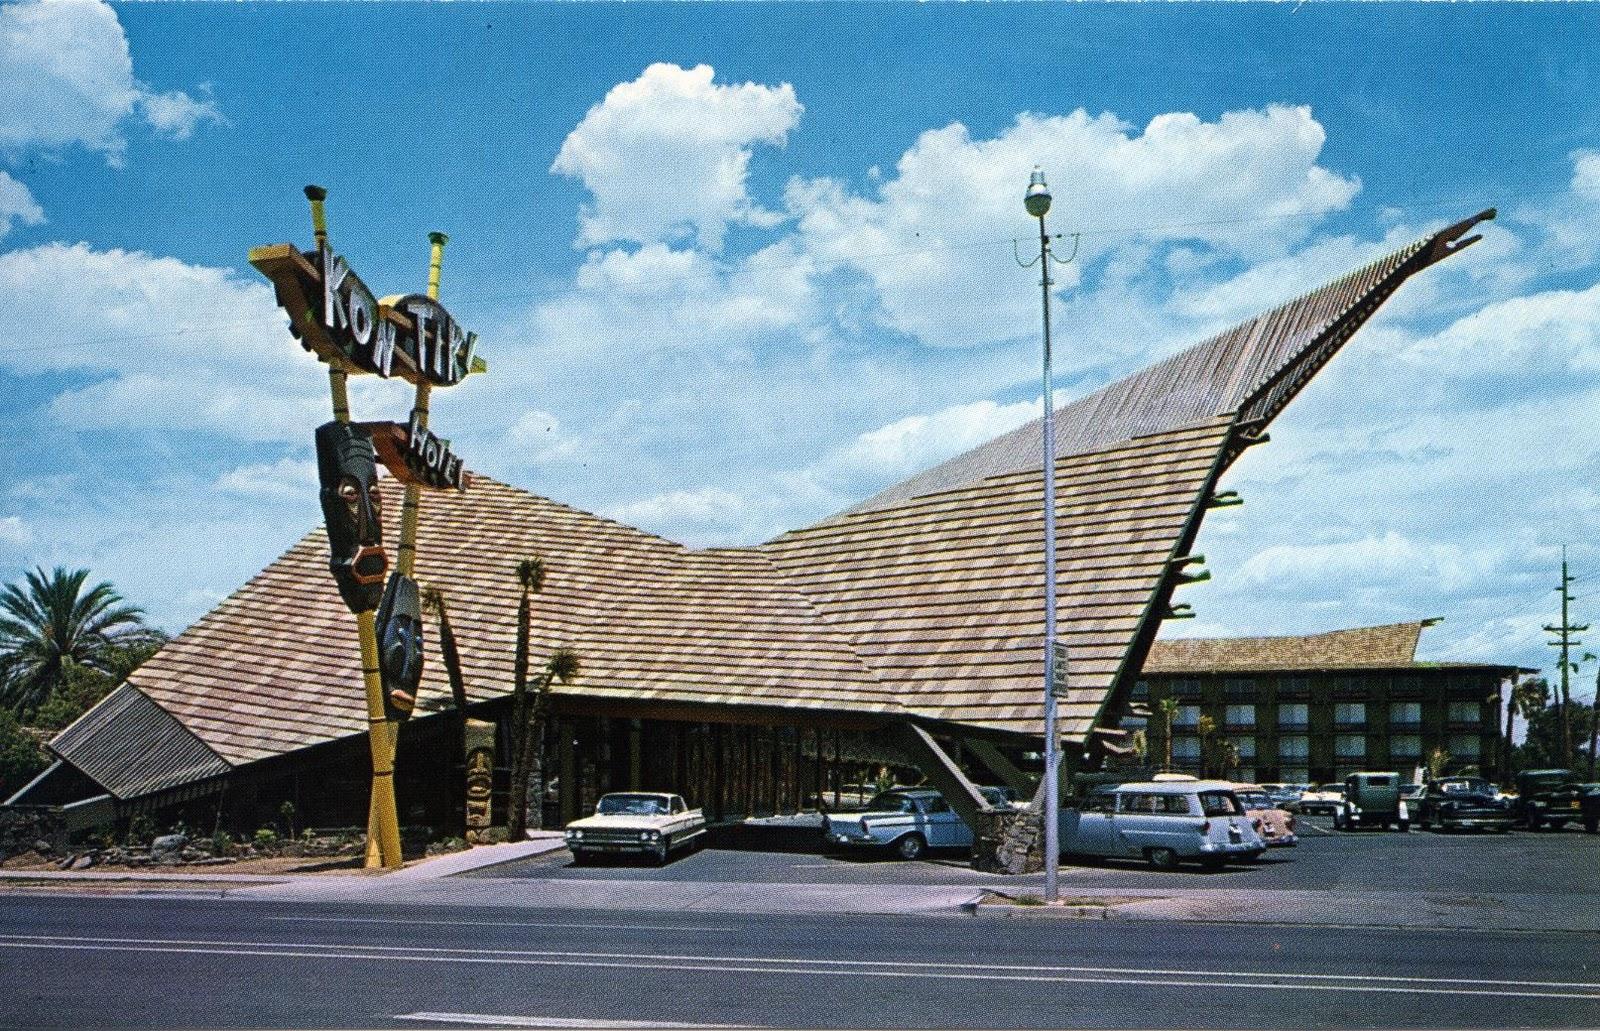 The Funset Strip The Kon Tiki Hotel